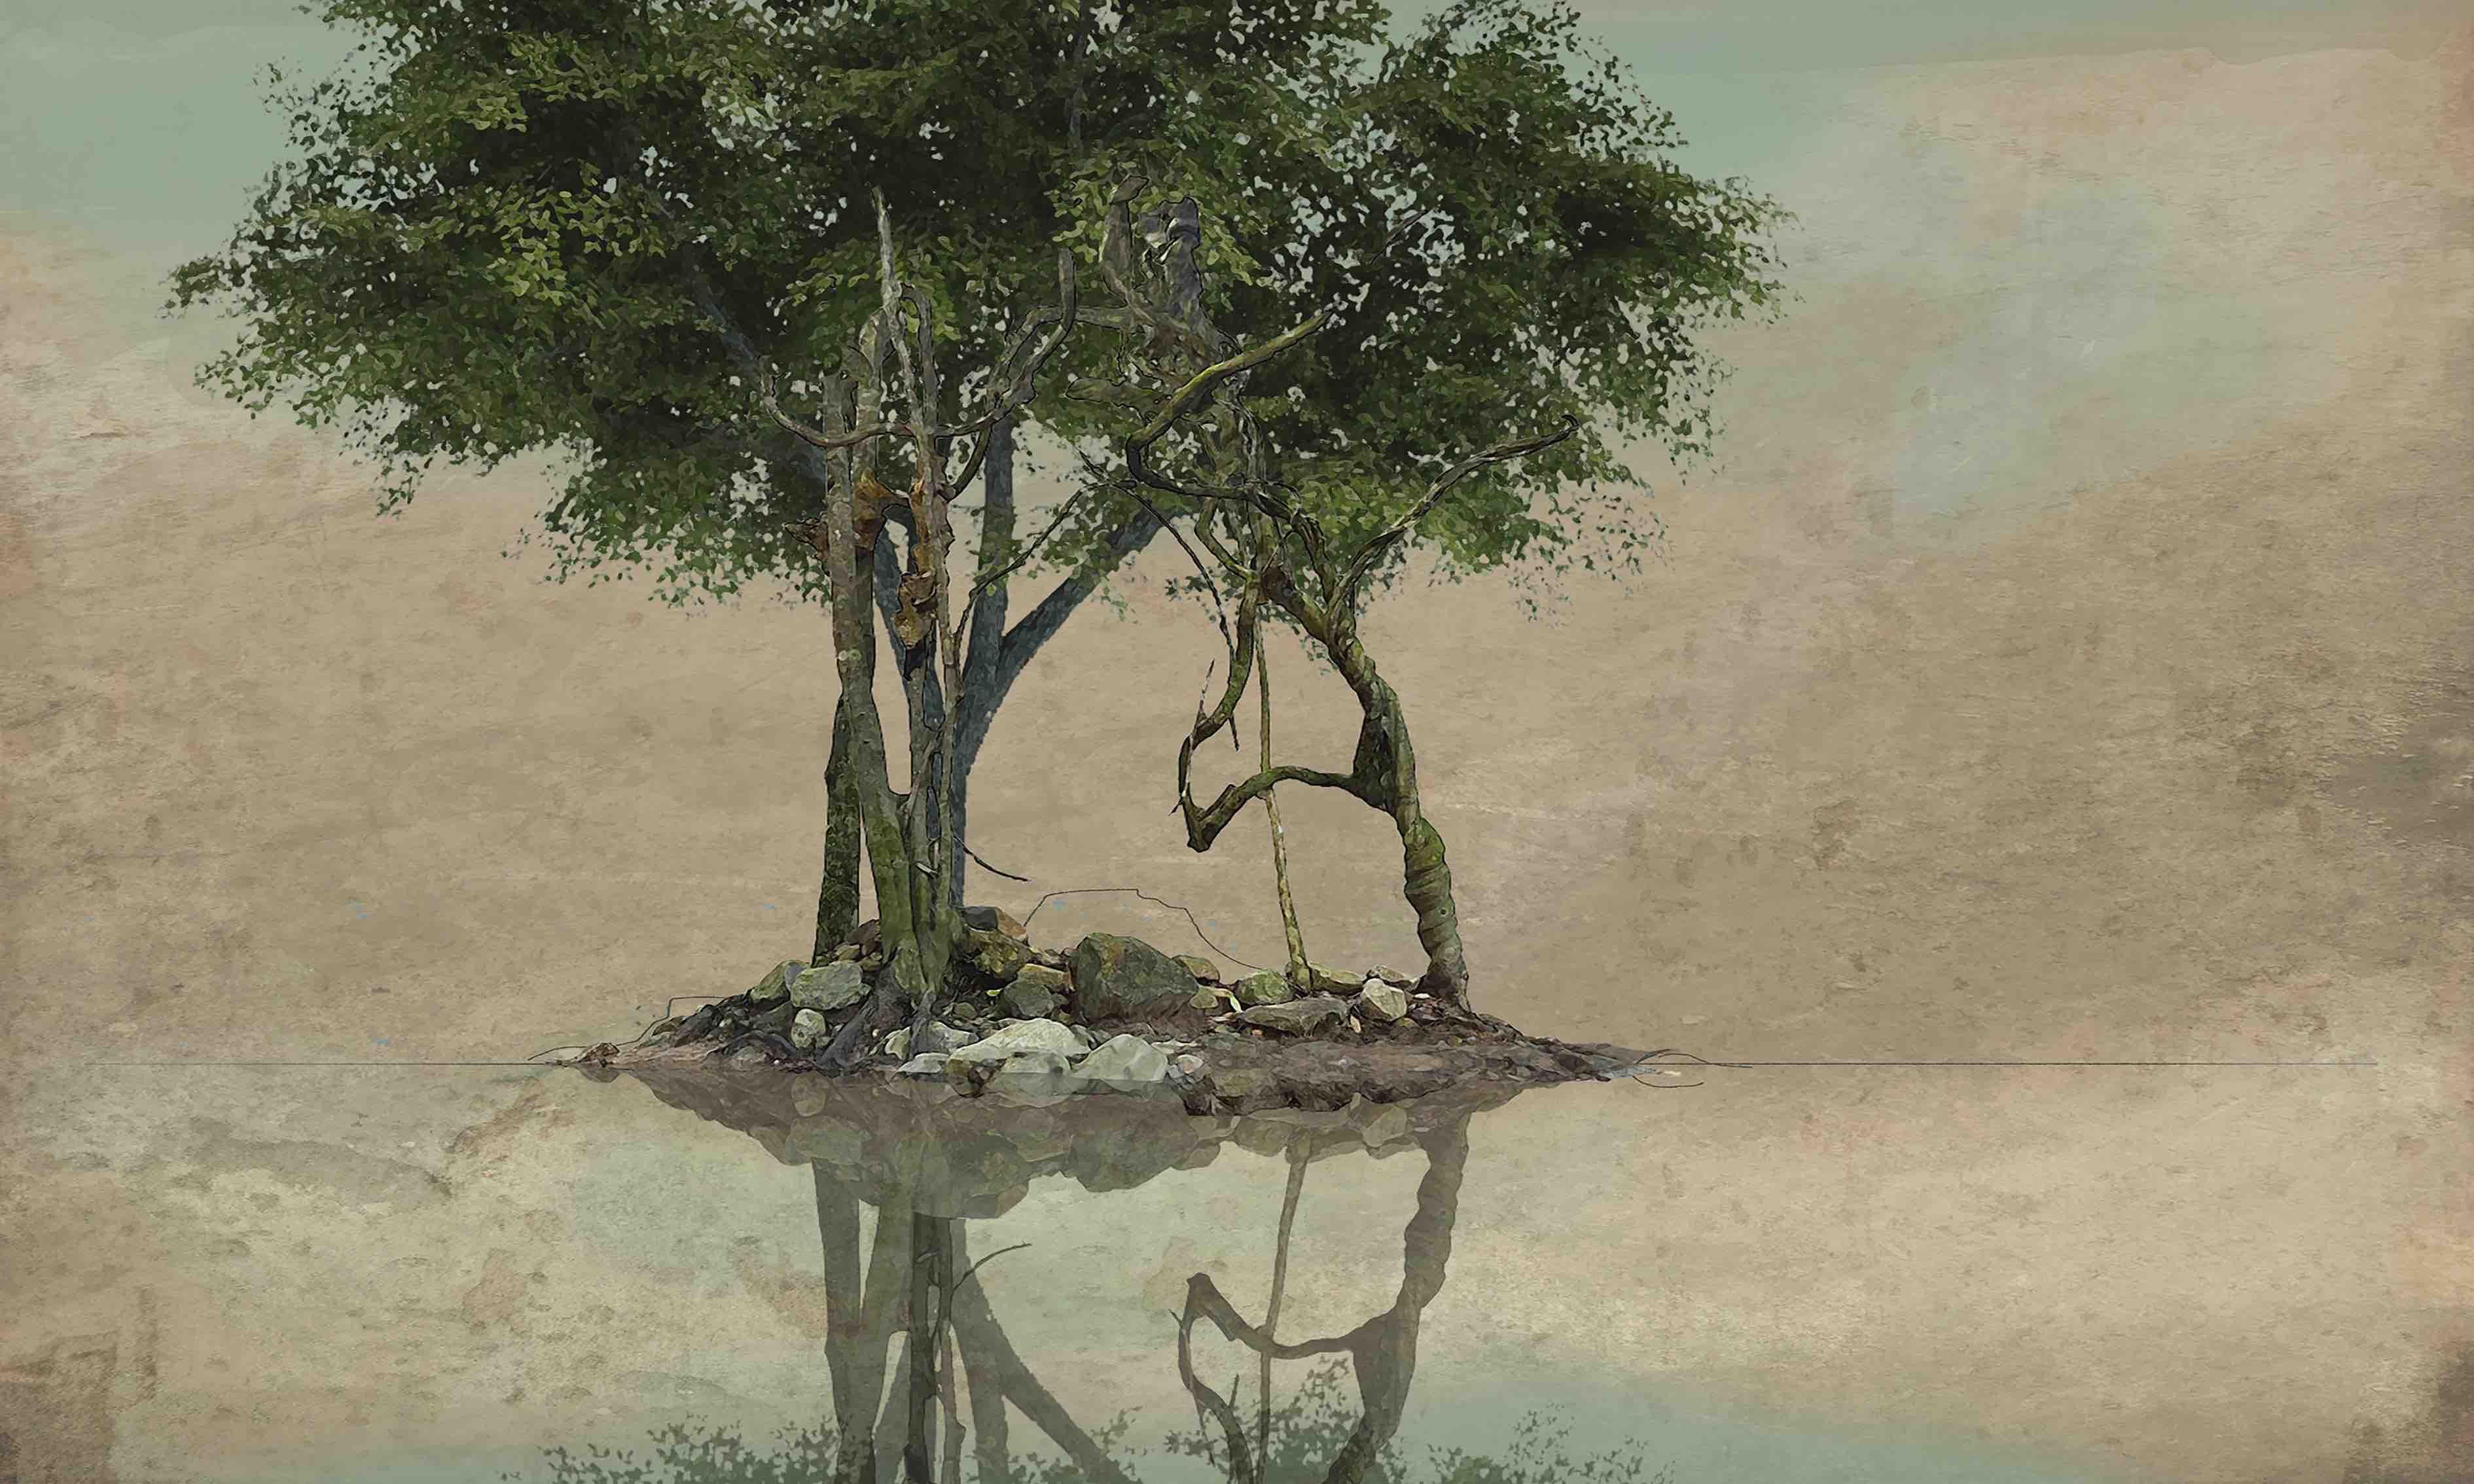 Etude pour Arbres au bord de l'eau VIIb – copie